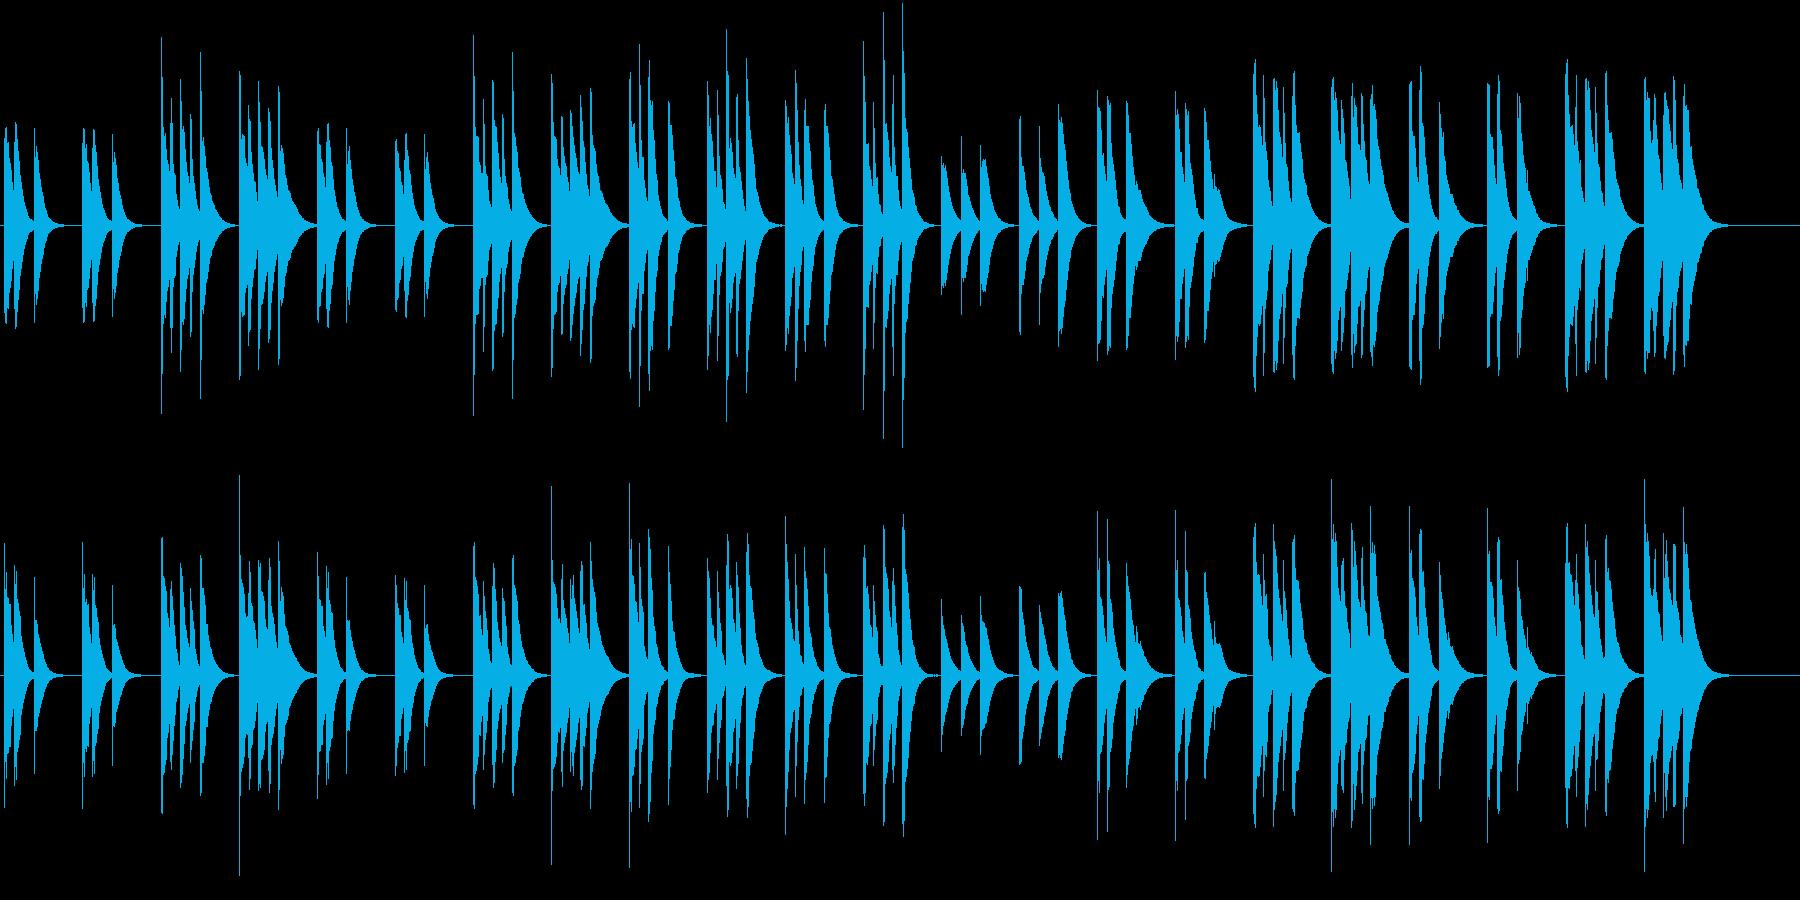 木琴の音で作ったのんびりした短い曲の再生済みの波形